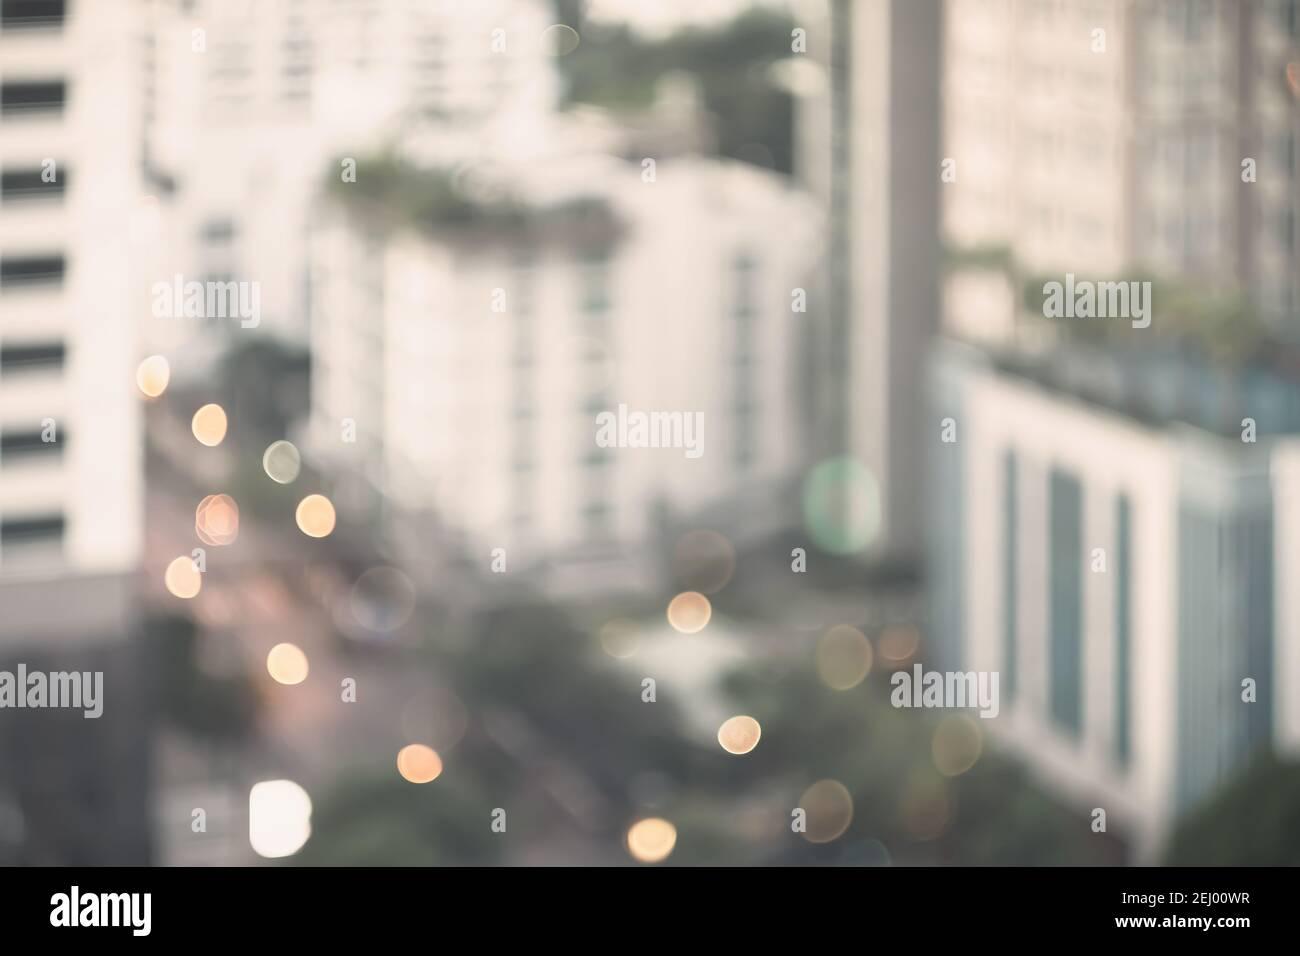 Edificio abstract blur City estate in mattina vista sfondo. Vista dello skyline della città dalla finestra dell'ufficio. Brillantezza offuscata bokeh architettura reale mo Foto Stock